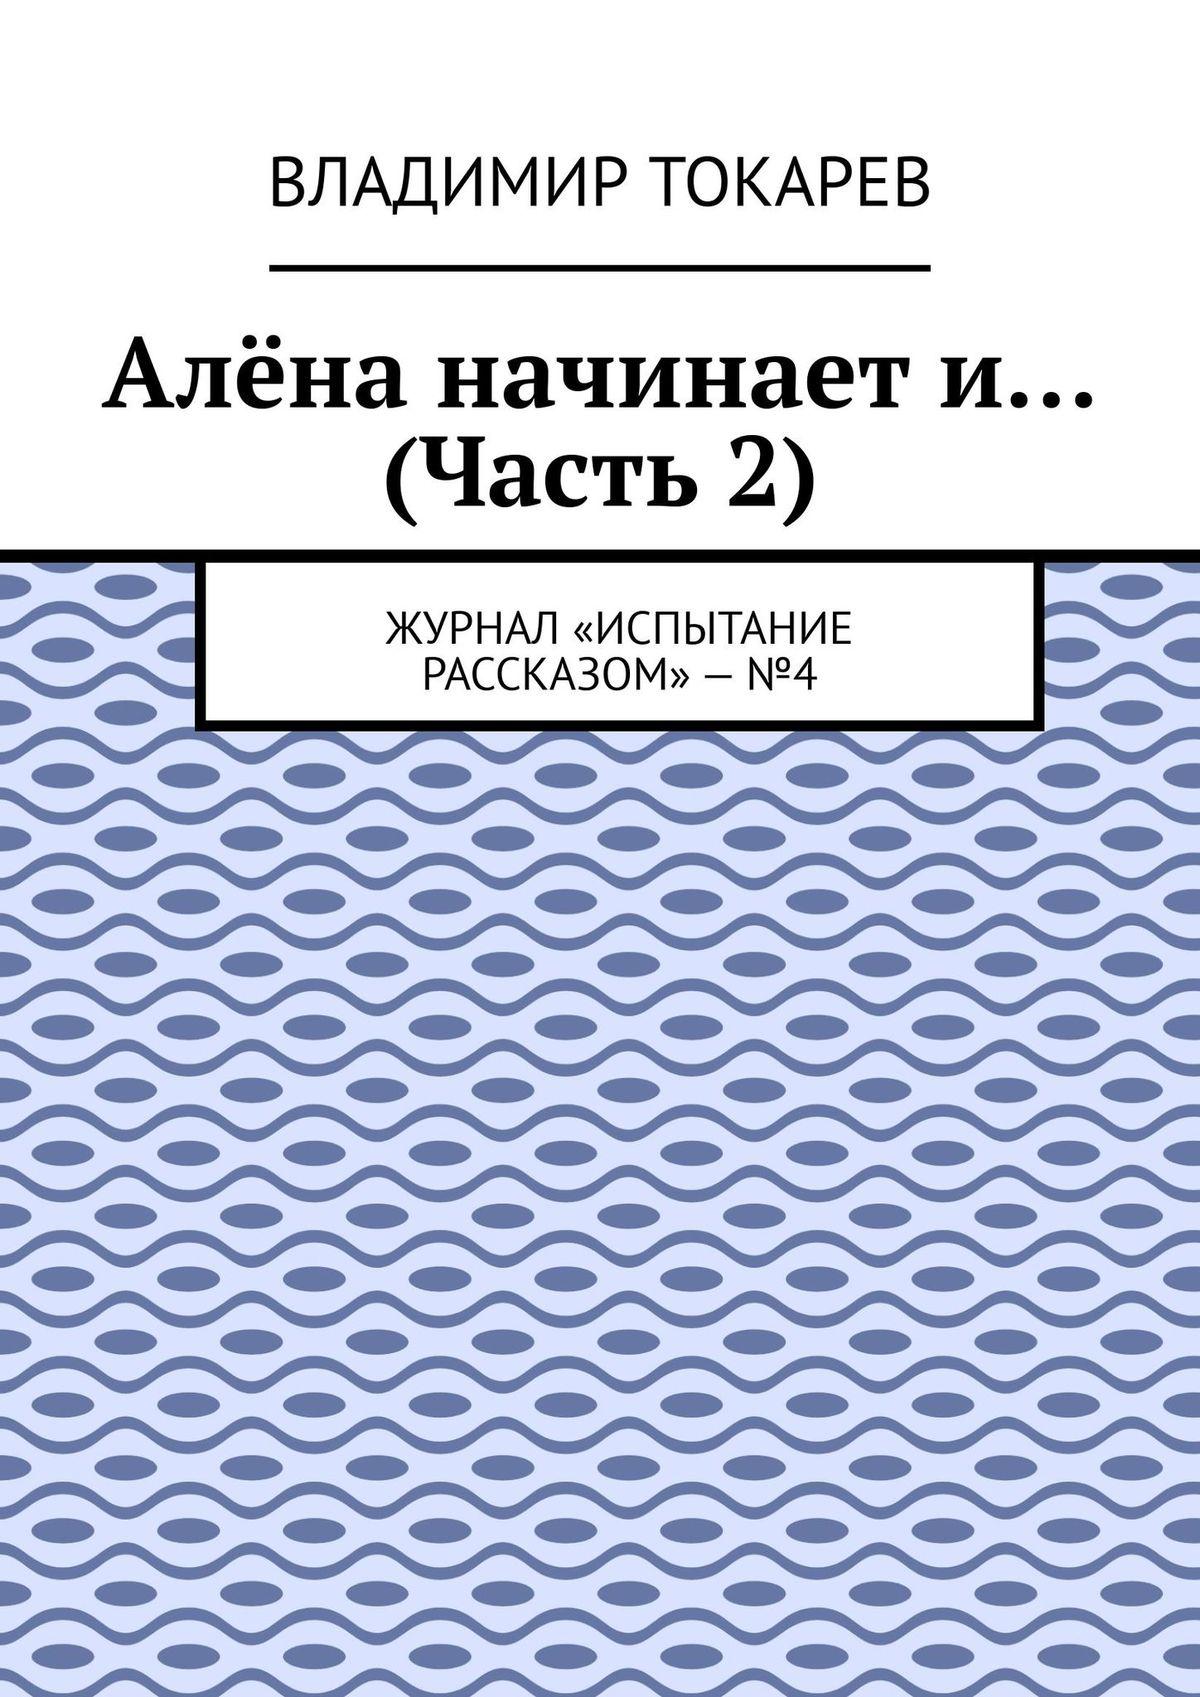 Владимир Токарев Алёна начинает и… (Часть 2). Журнал «Испытание рассказом»–№4 цены